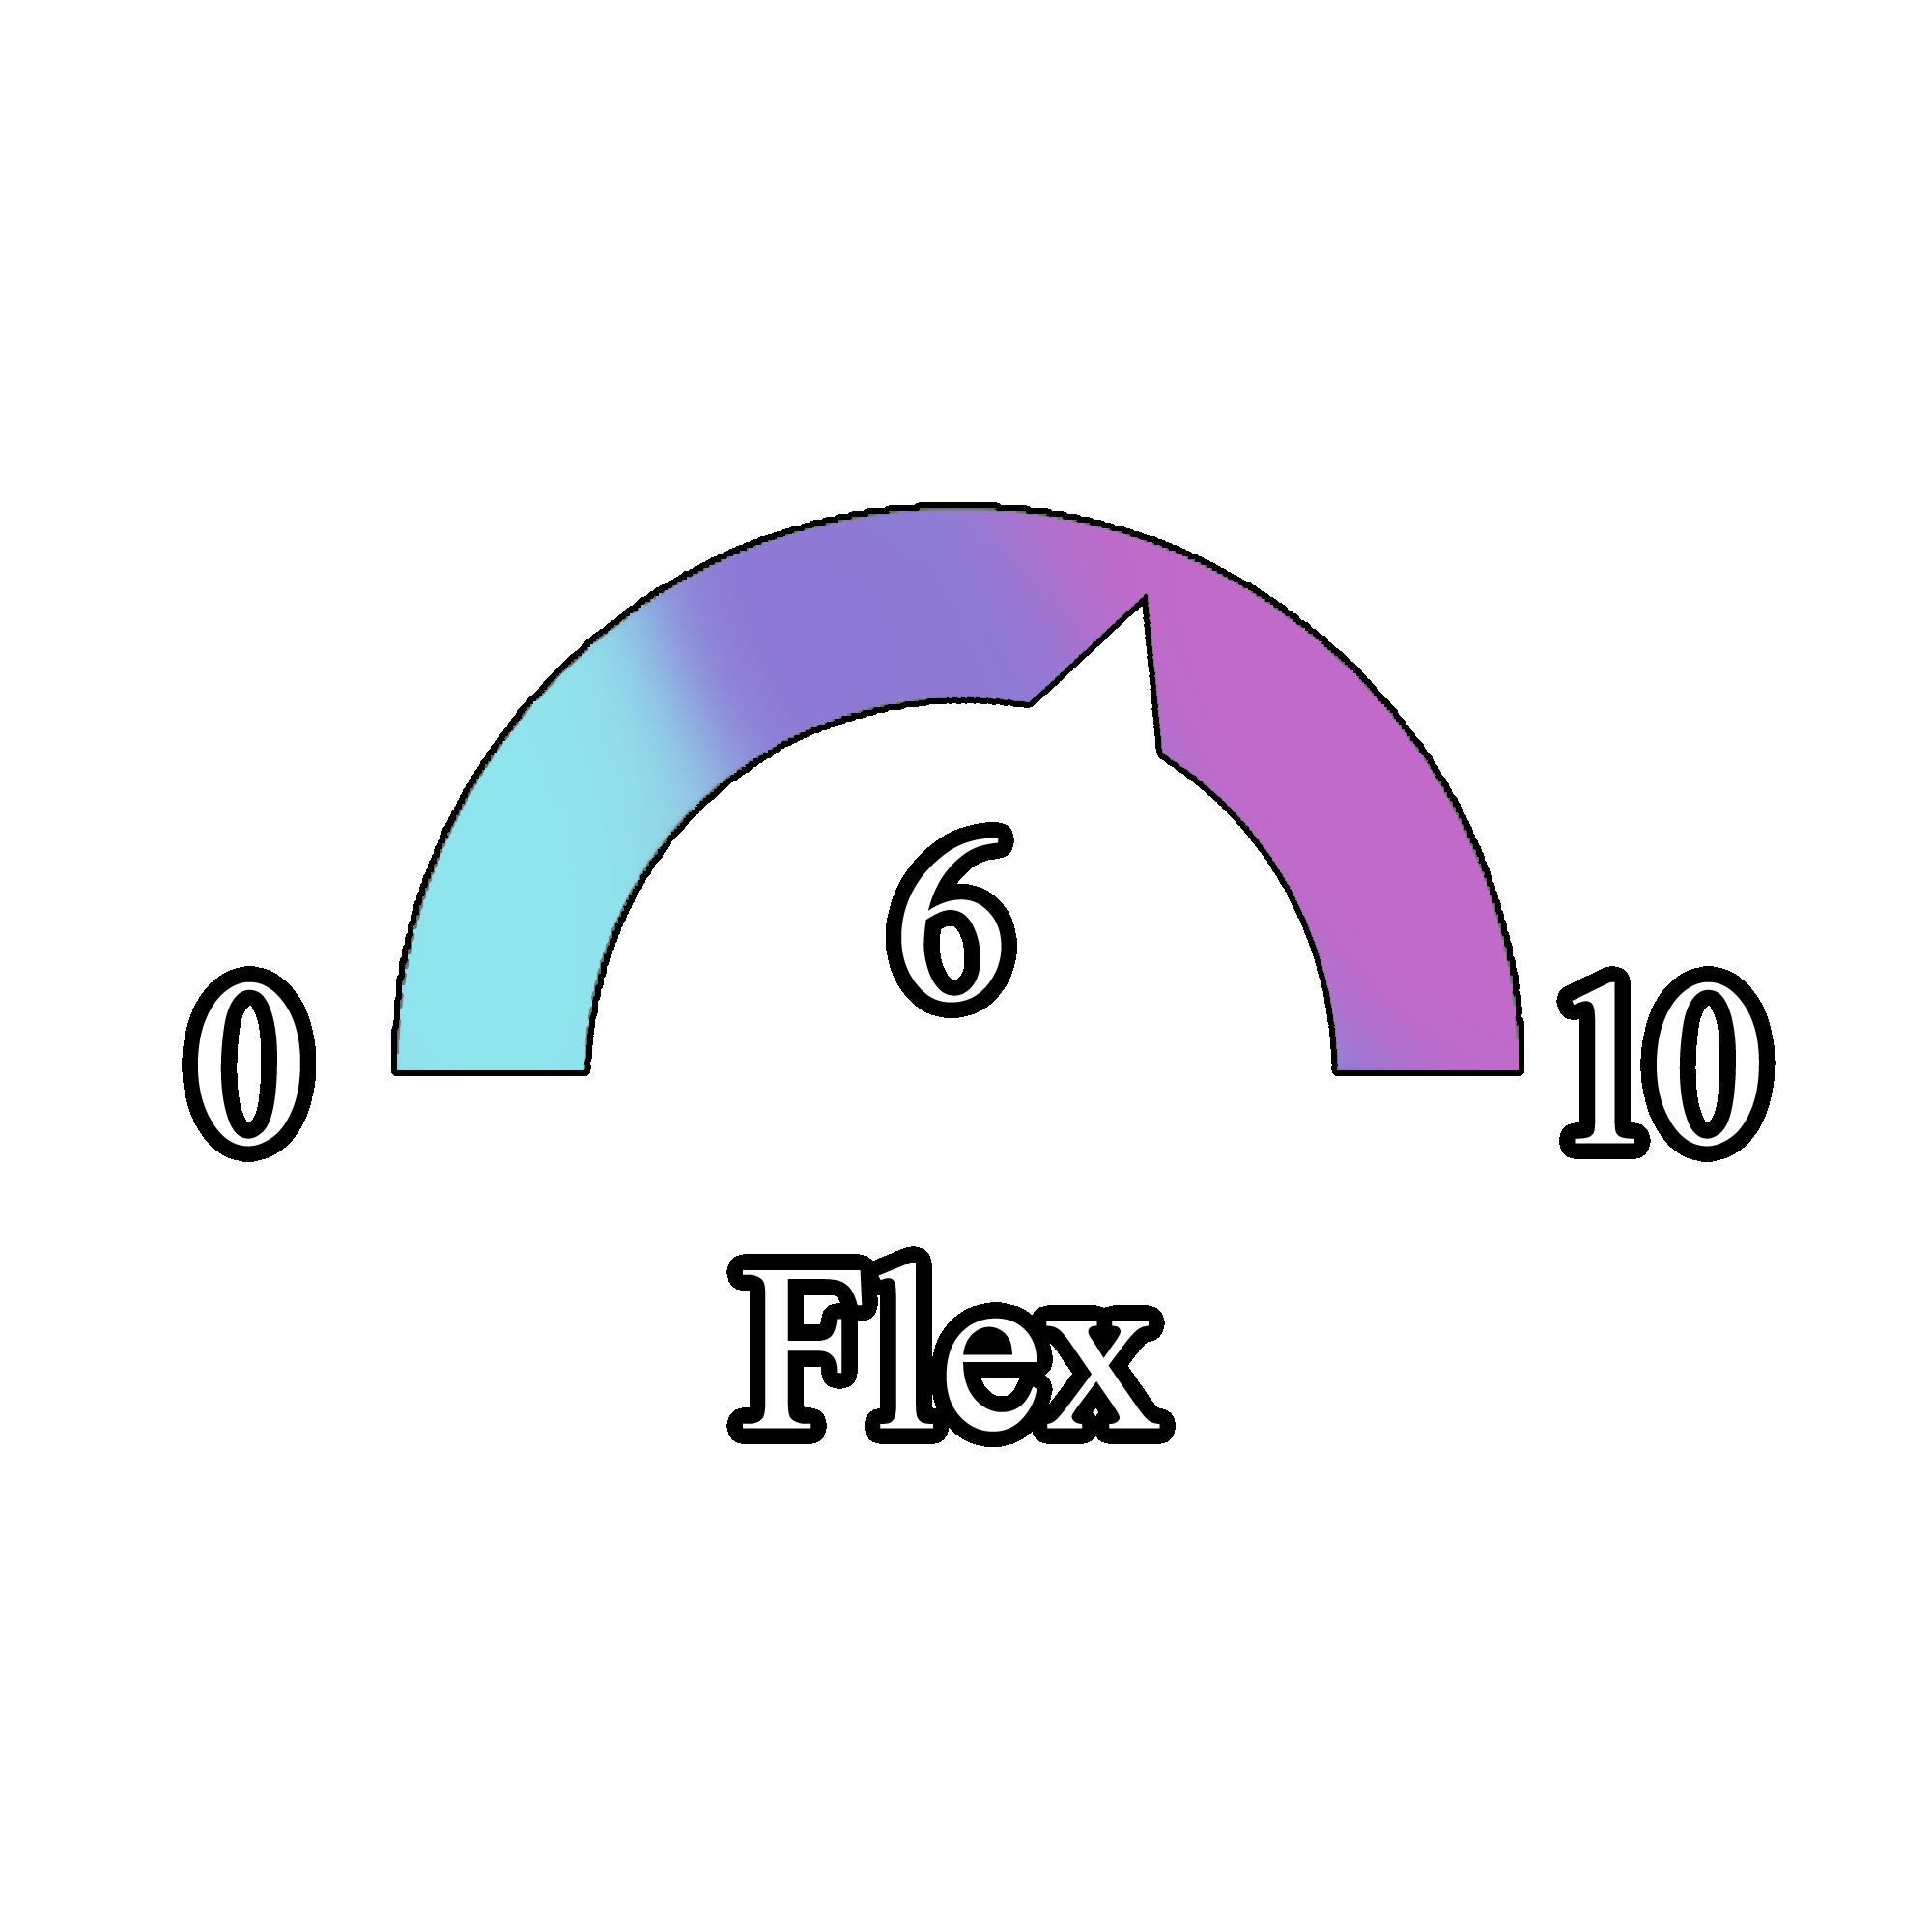 Flex 6_1.png